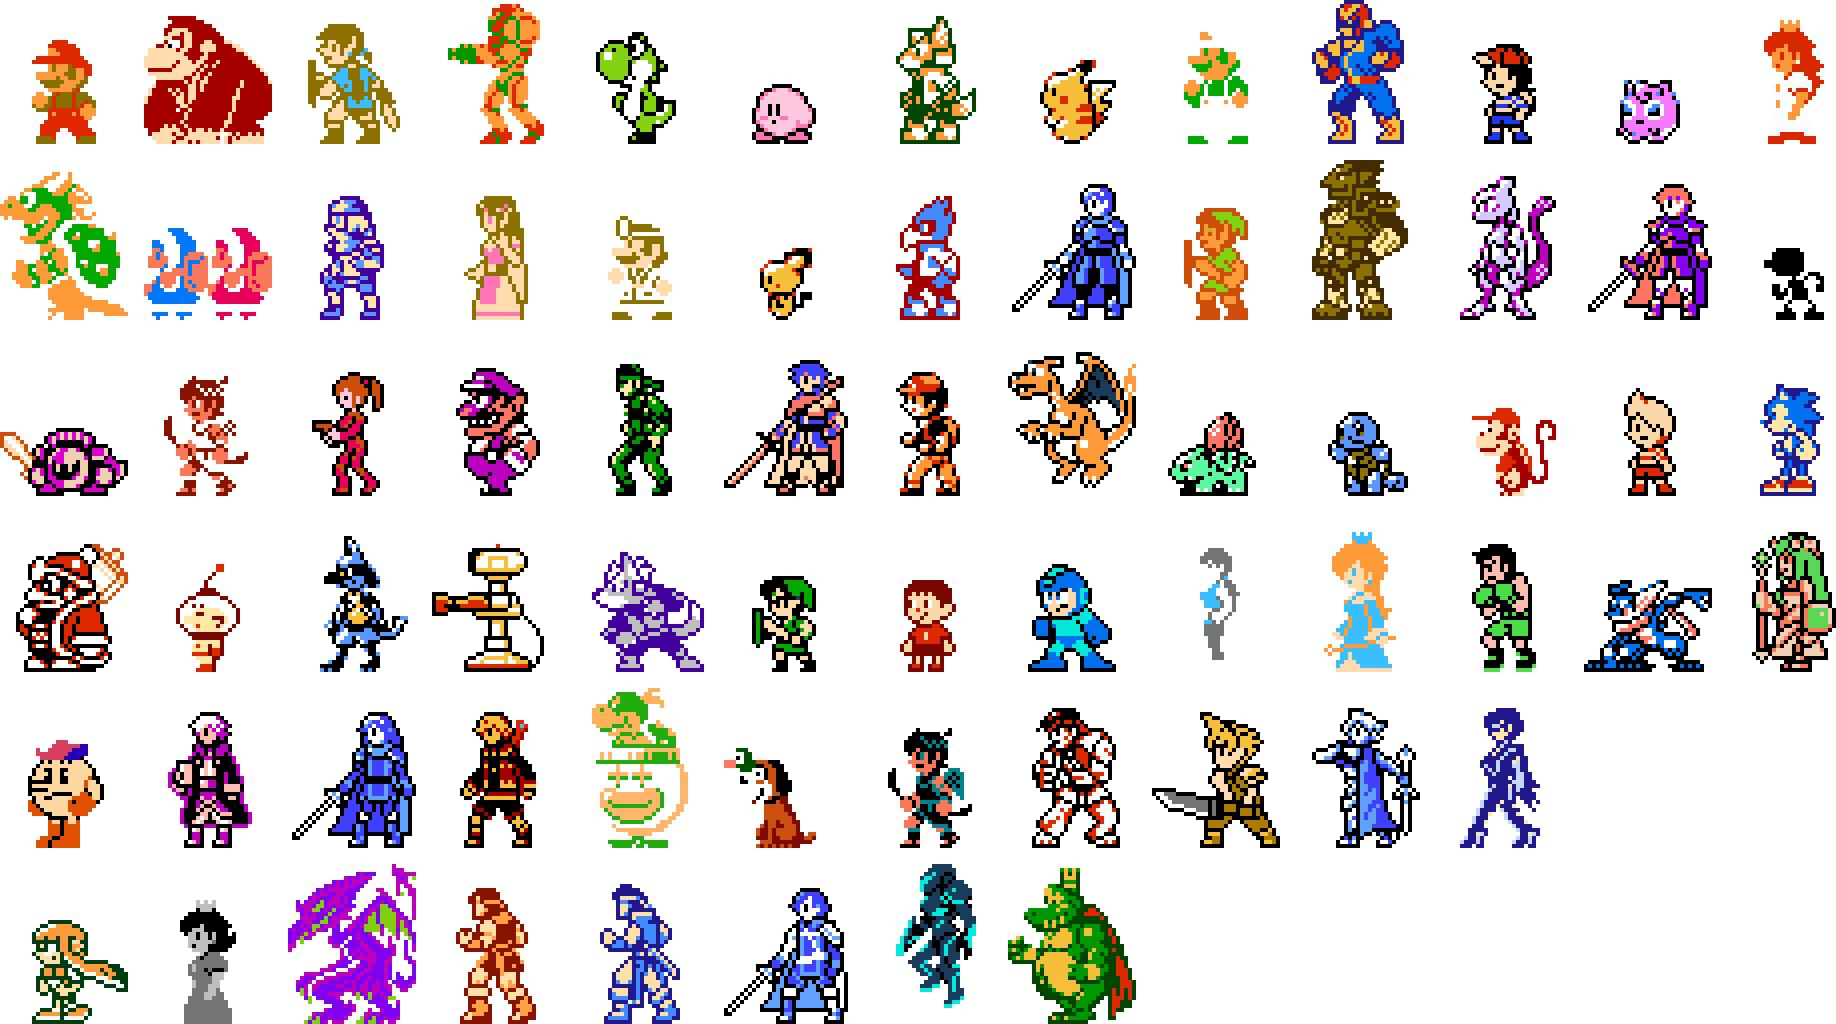 Como Dibujar Los Brawlers De Brawl Star En Hoja Cuadriculada: Retro Pixel Art Of All Of The Super Smash Bros. Ultimate